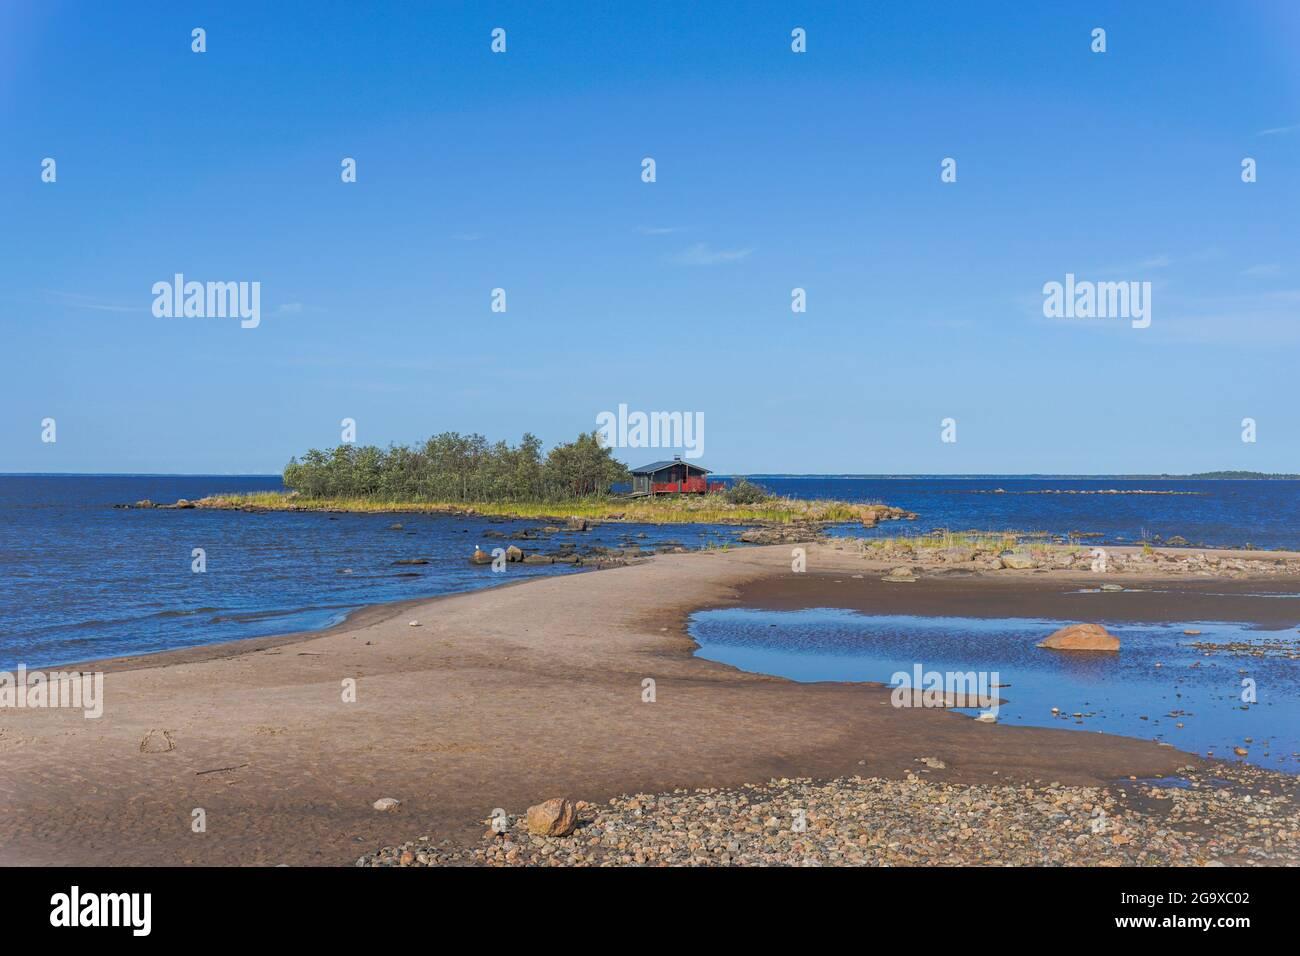 Un pintoresco paisaje costero en el Mar Báltico con una pequeña casa de campo roja en una isla detrás de una playa de arena bajo un cielo azul Foto de stock